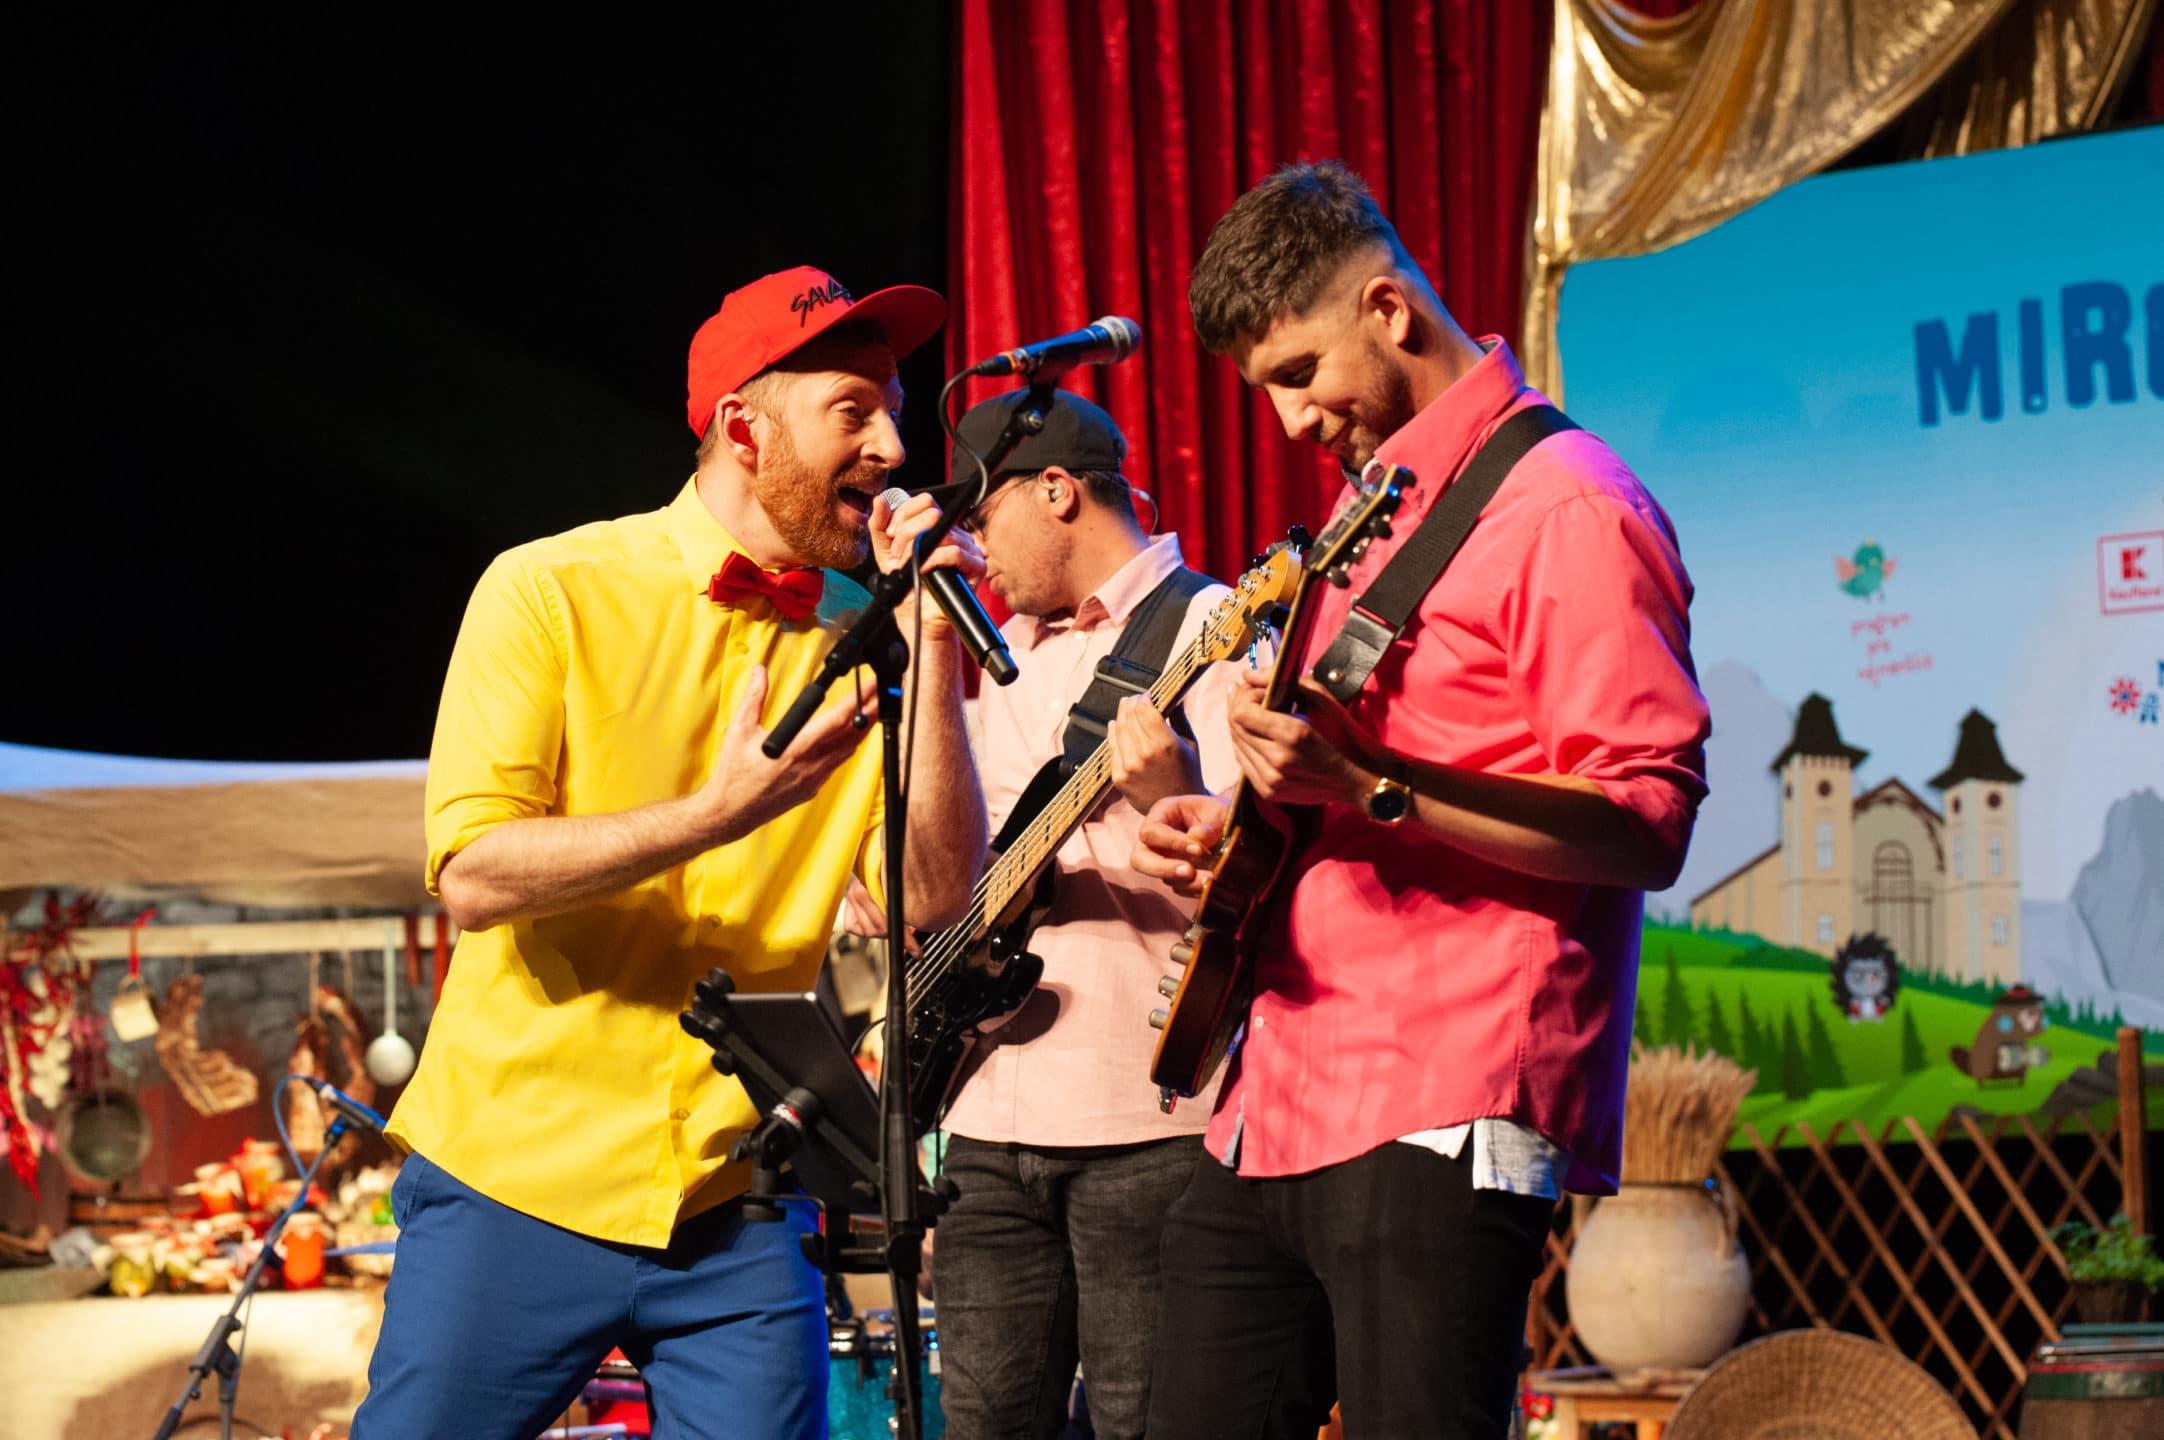 vystupenie Miro Jaros s kapelou v bratislave